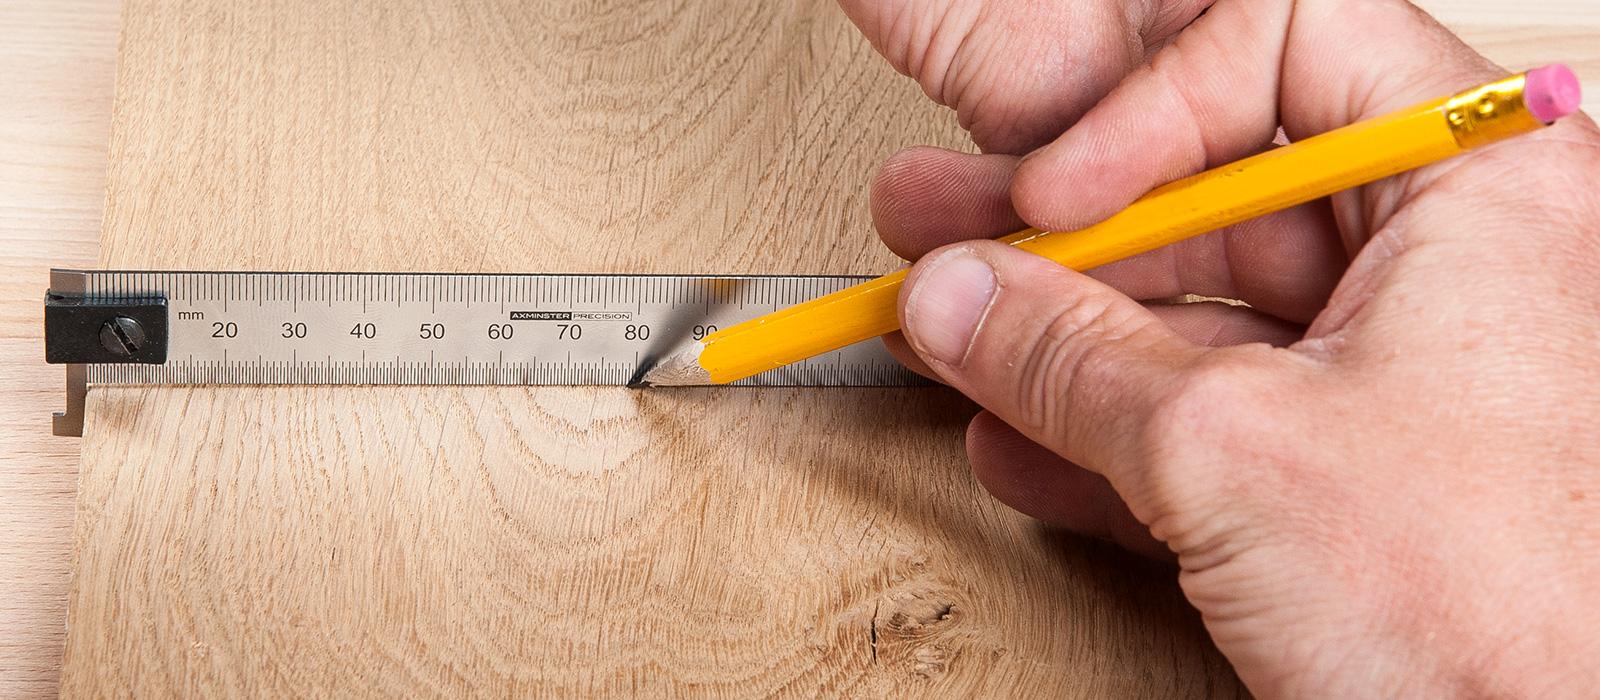 Measuring & Marking